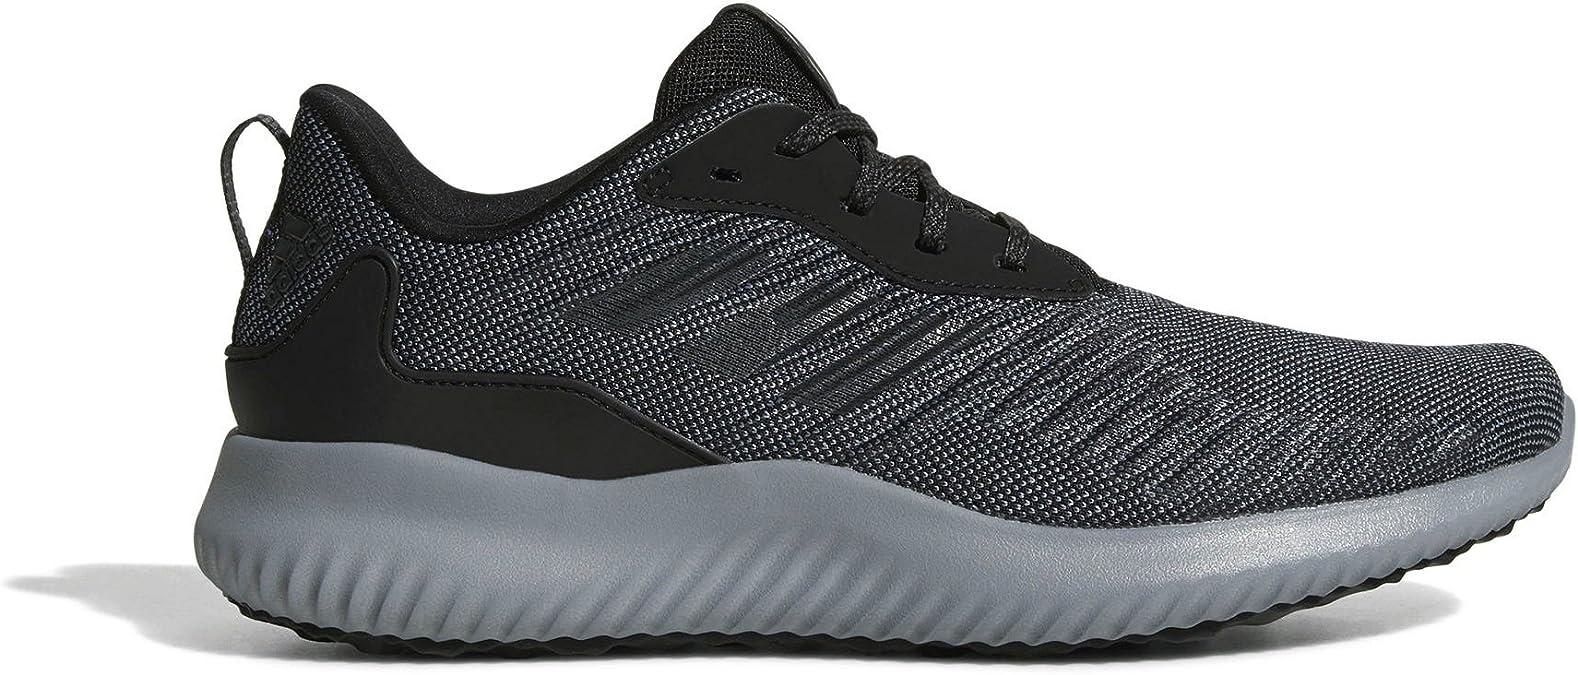 adidas Alphabounce RC M, Zapatillas de Trail Running para Hombre: Amazon.es: Zapatos y complementos